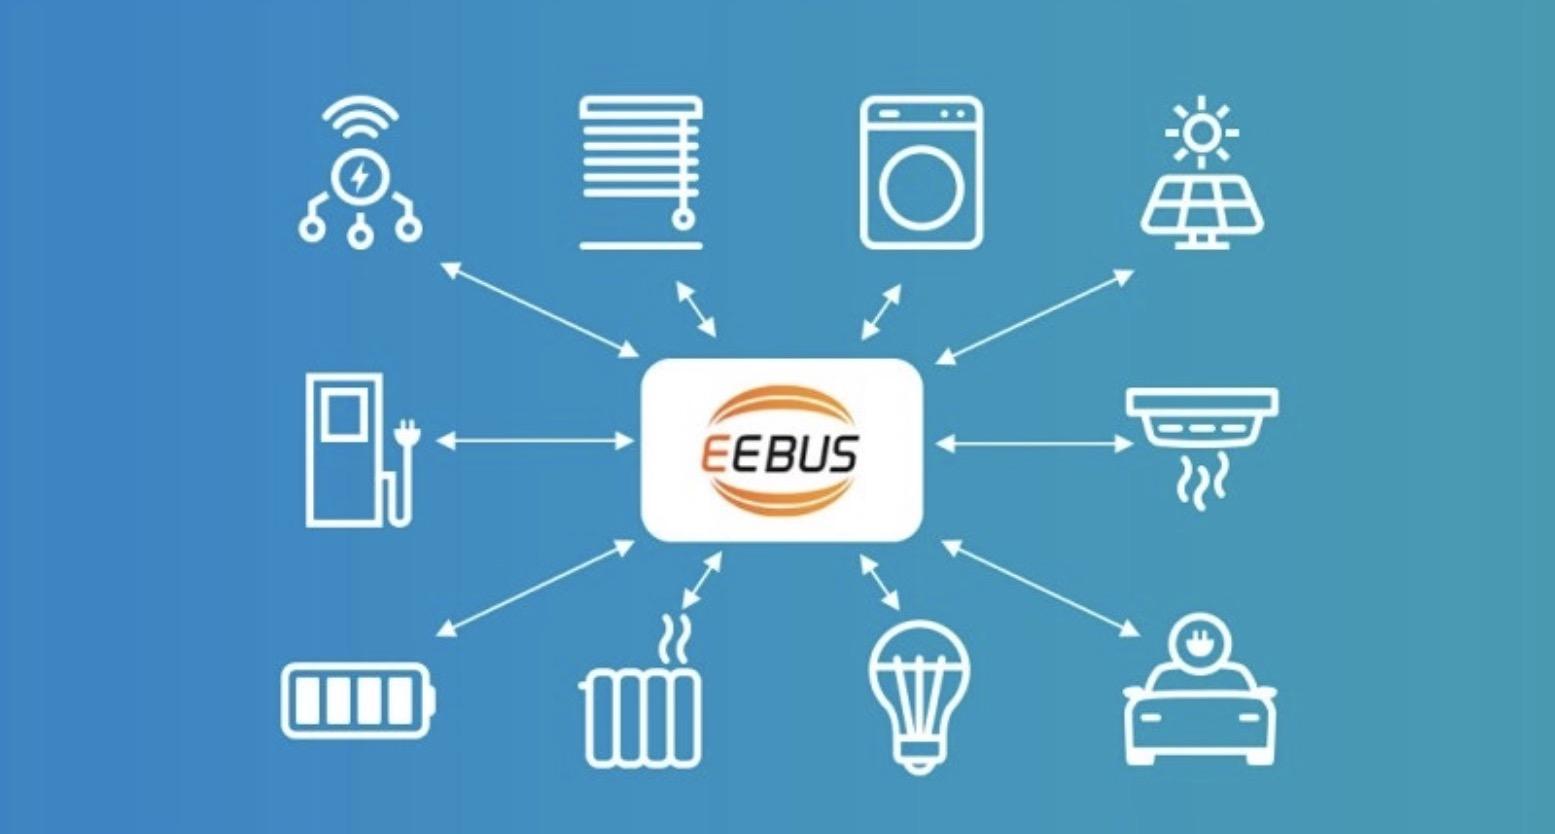 Audi propone lo standard EEBUS per il collegamento smart di auto elettriche e abitazioni